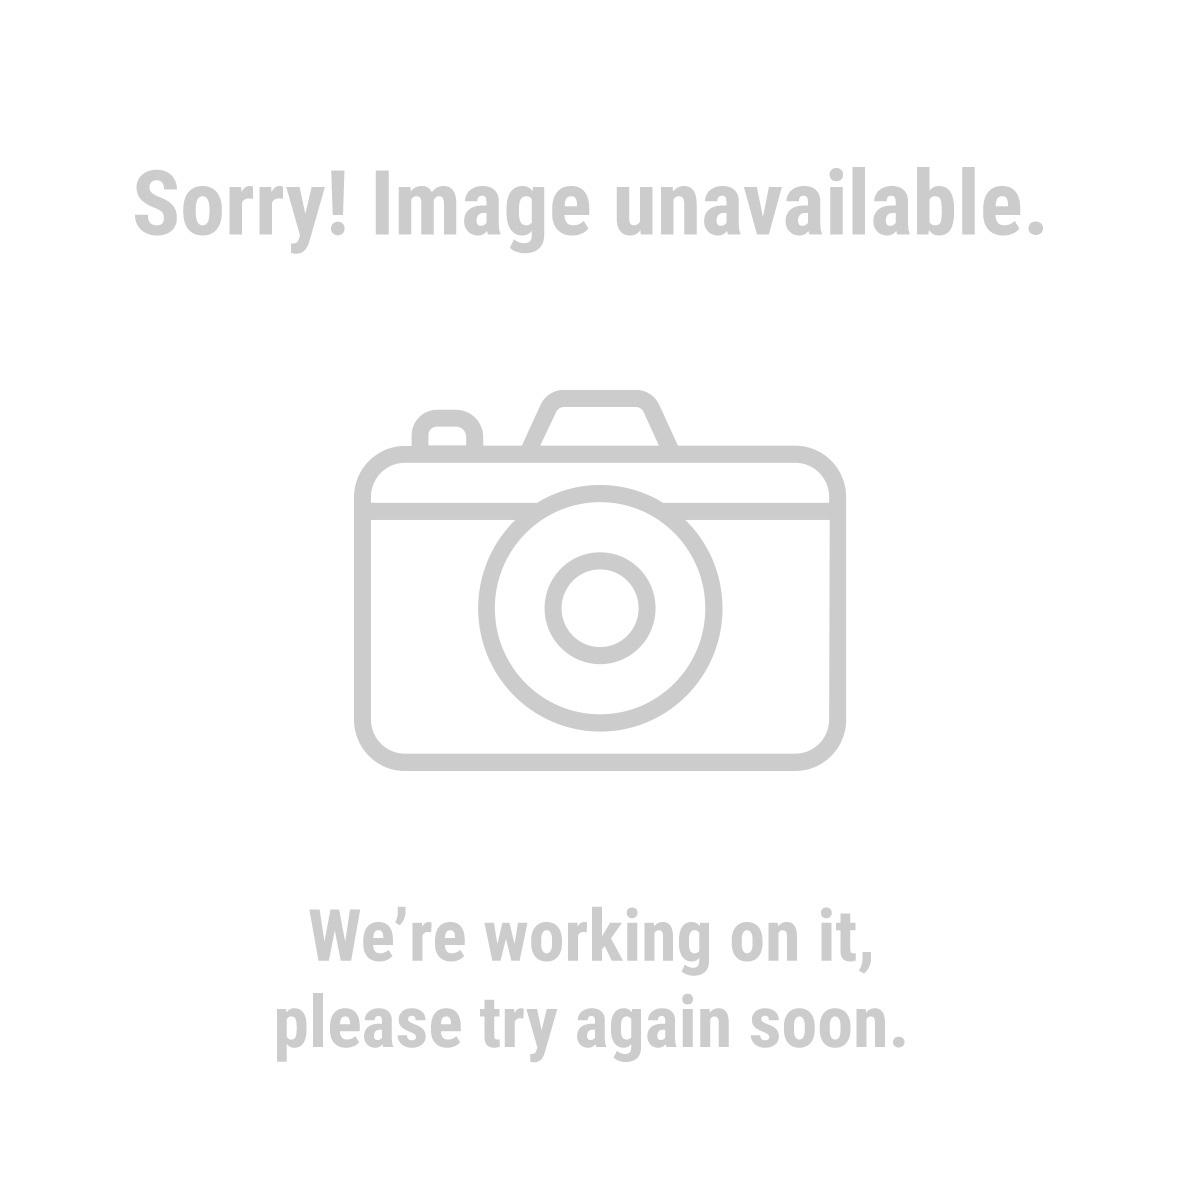 Warrior® 61053 9 in. 24 Grit Metal Grinding Wheel